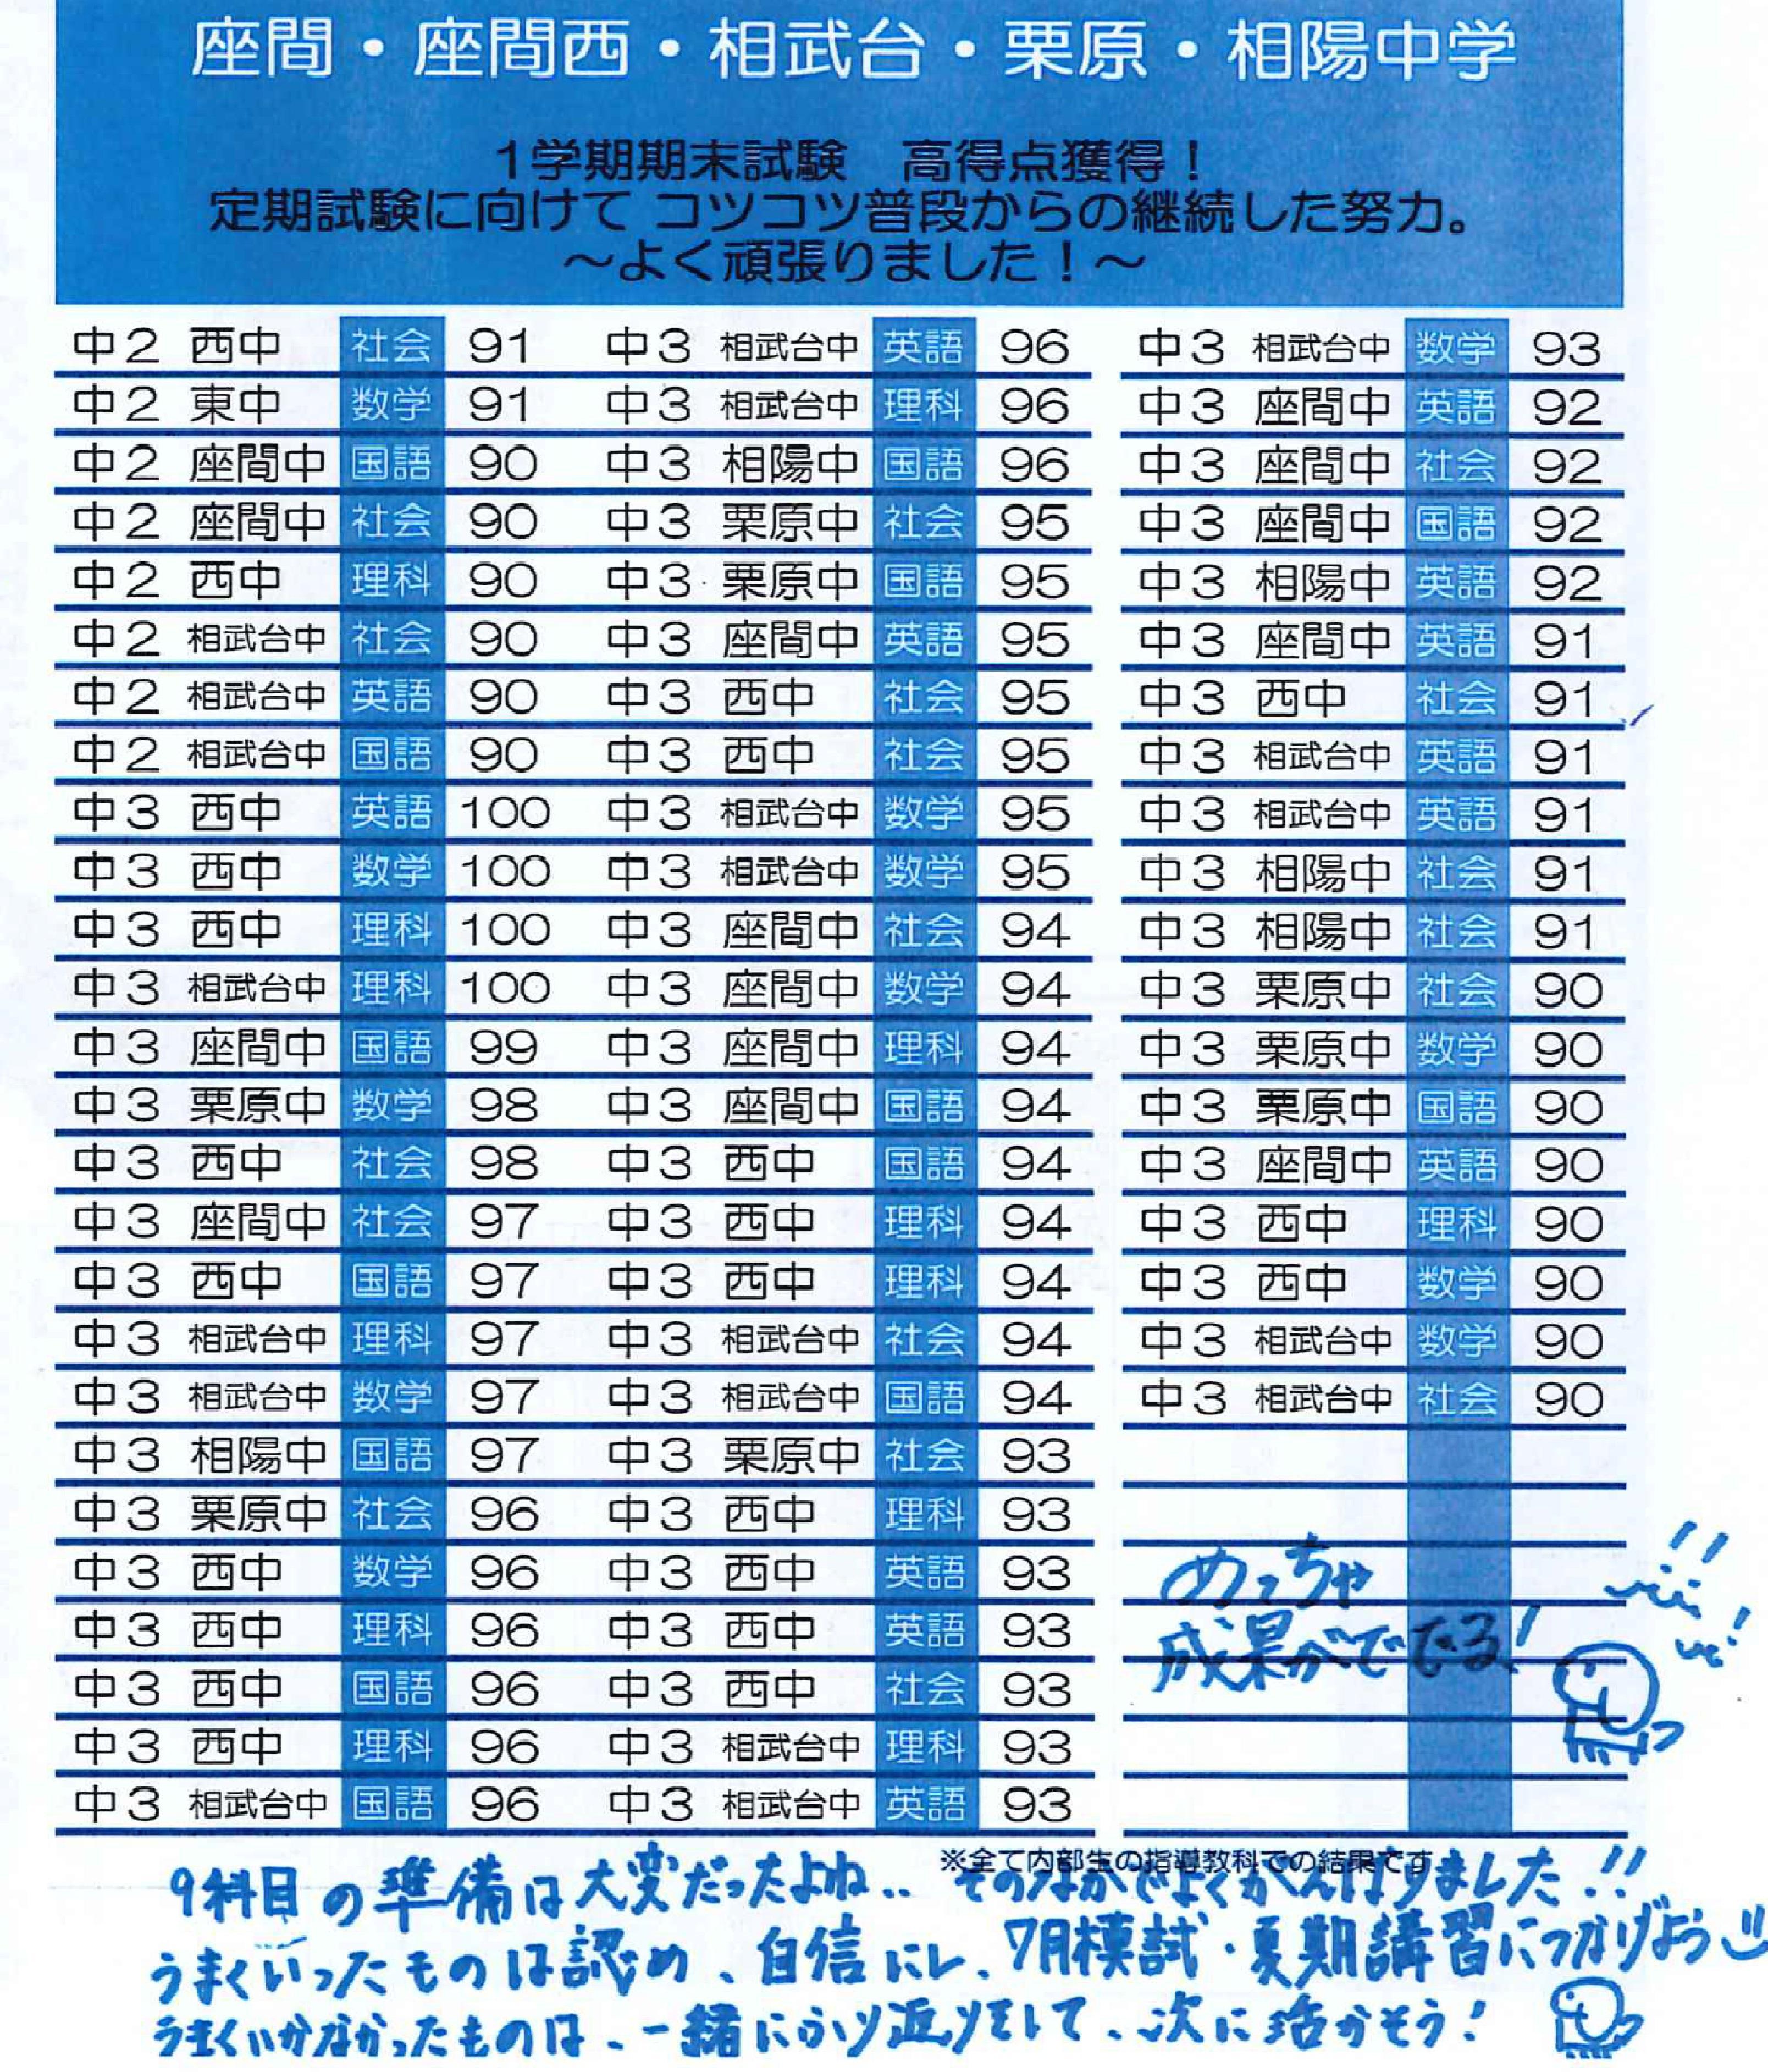 2019 相武台 1学期期末テスト 速報版5.jpg